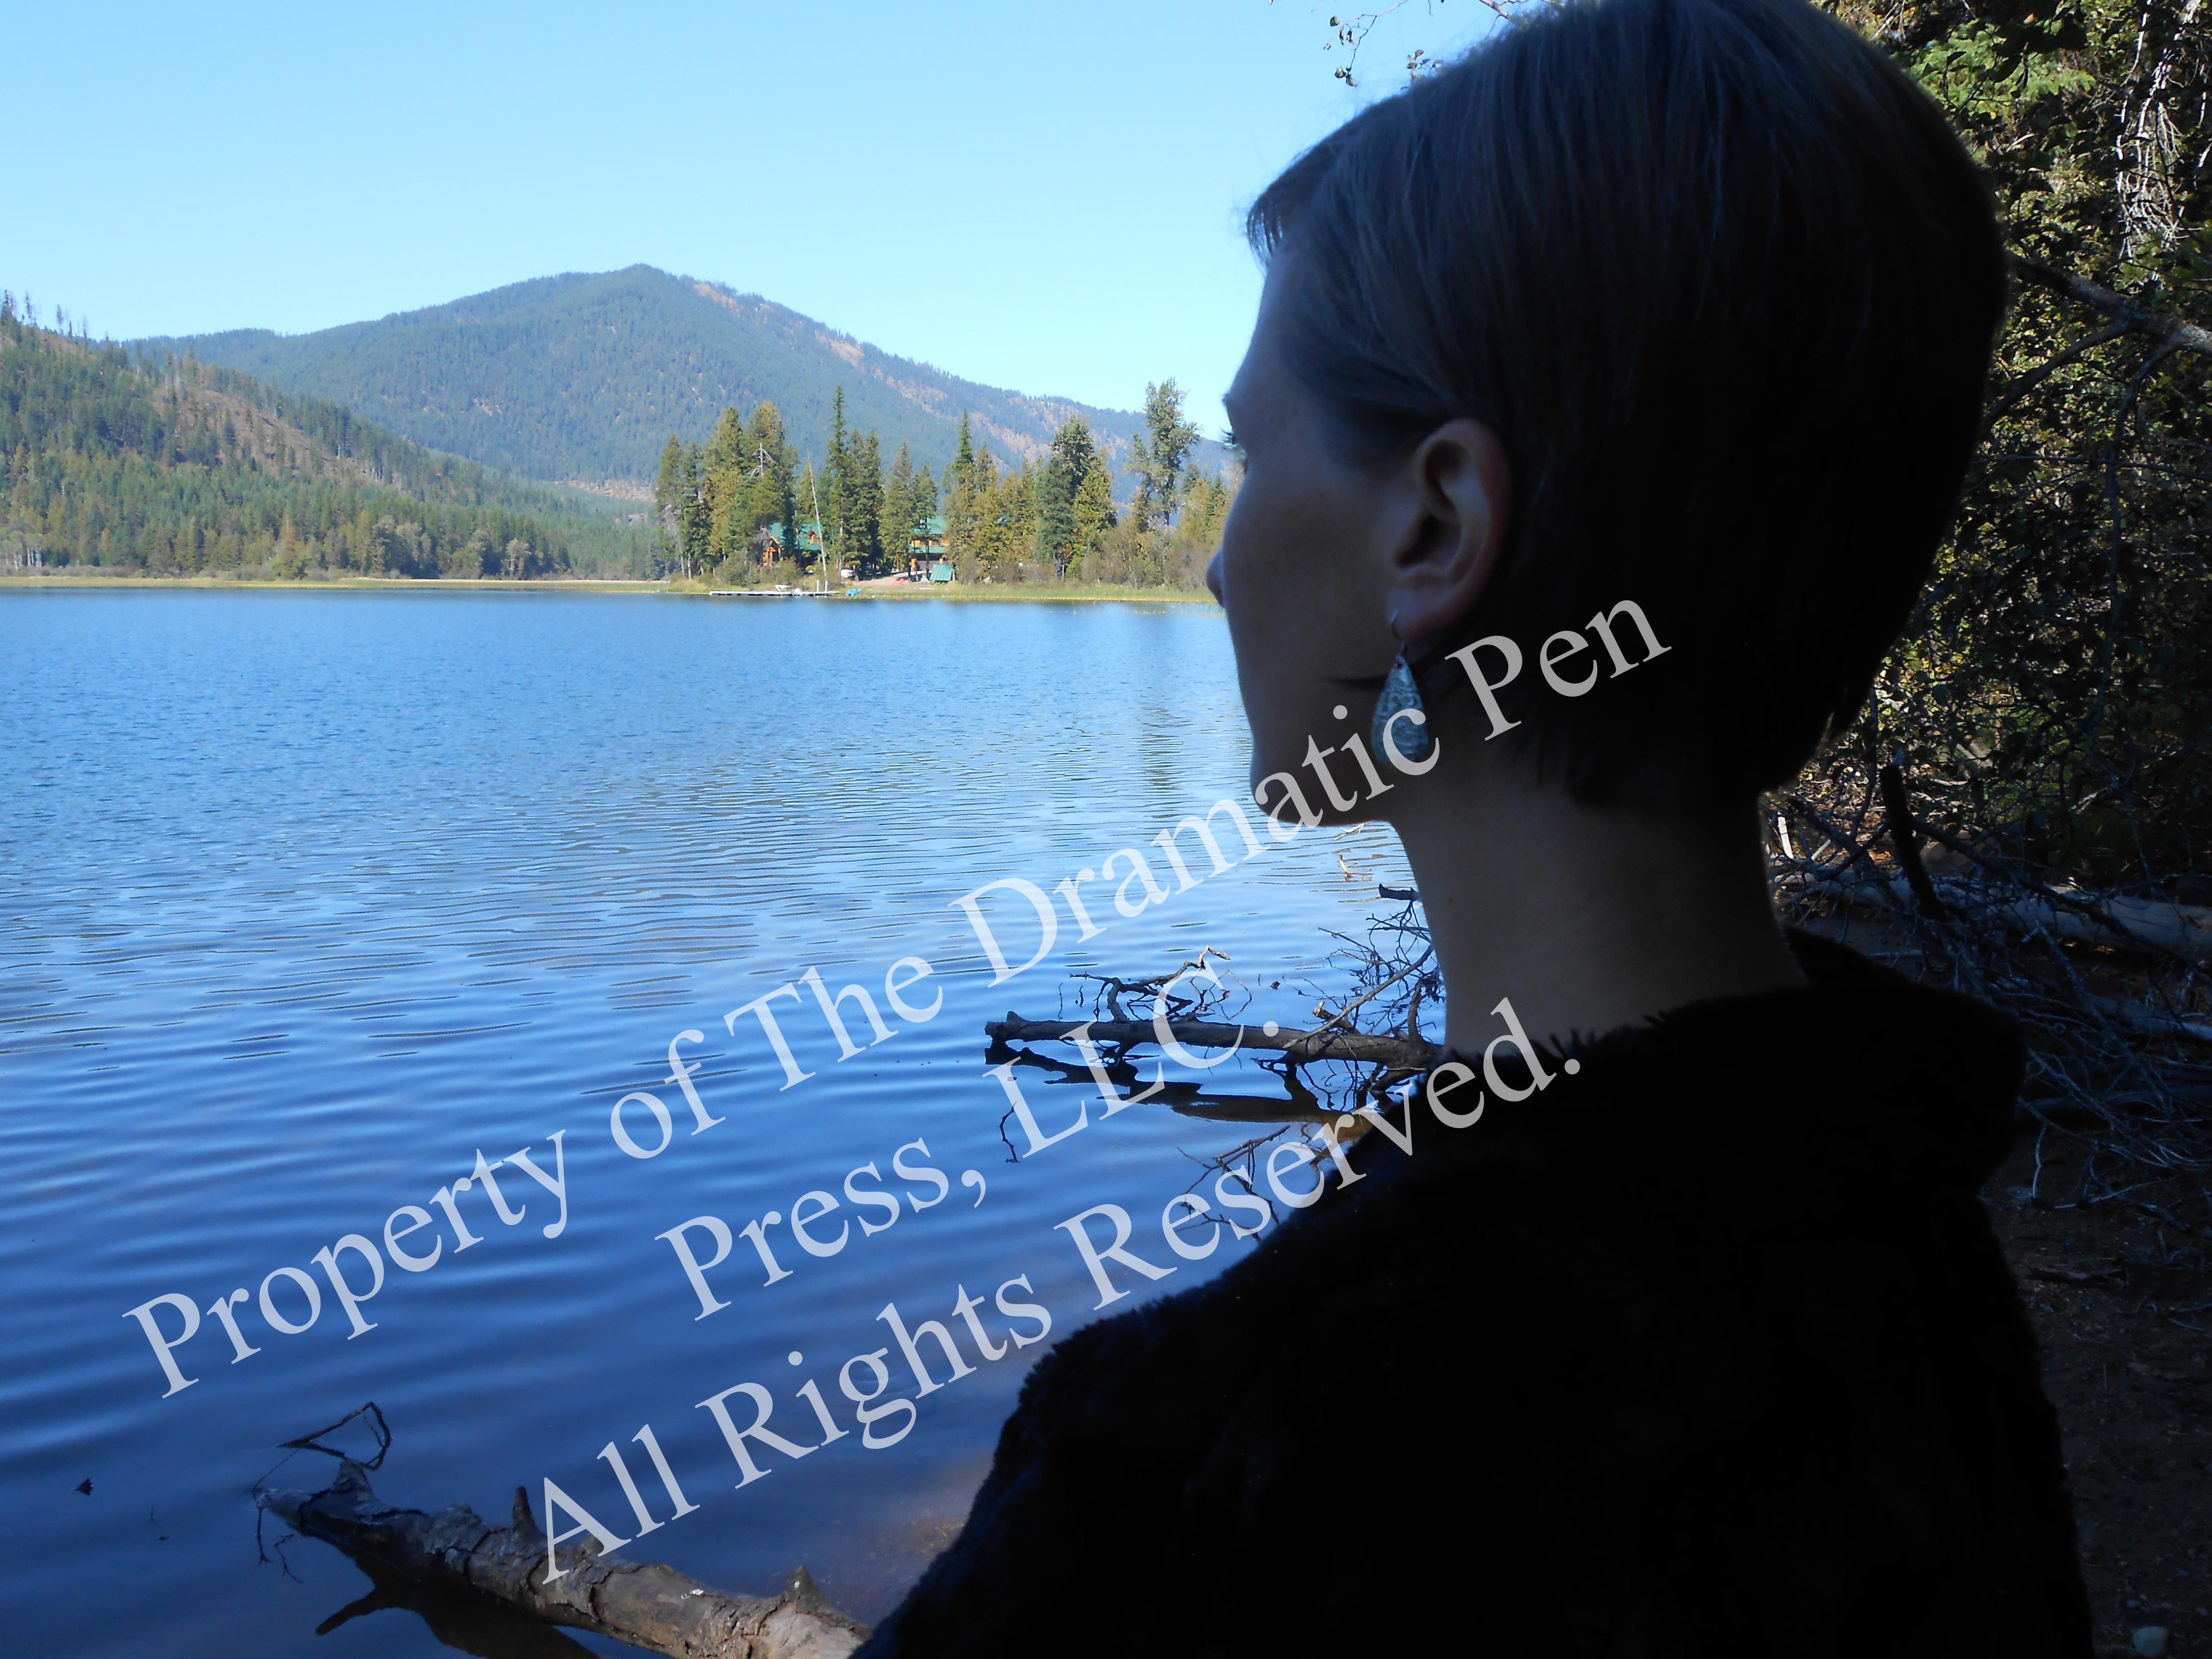 Lady by Lake Profile